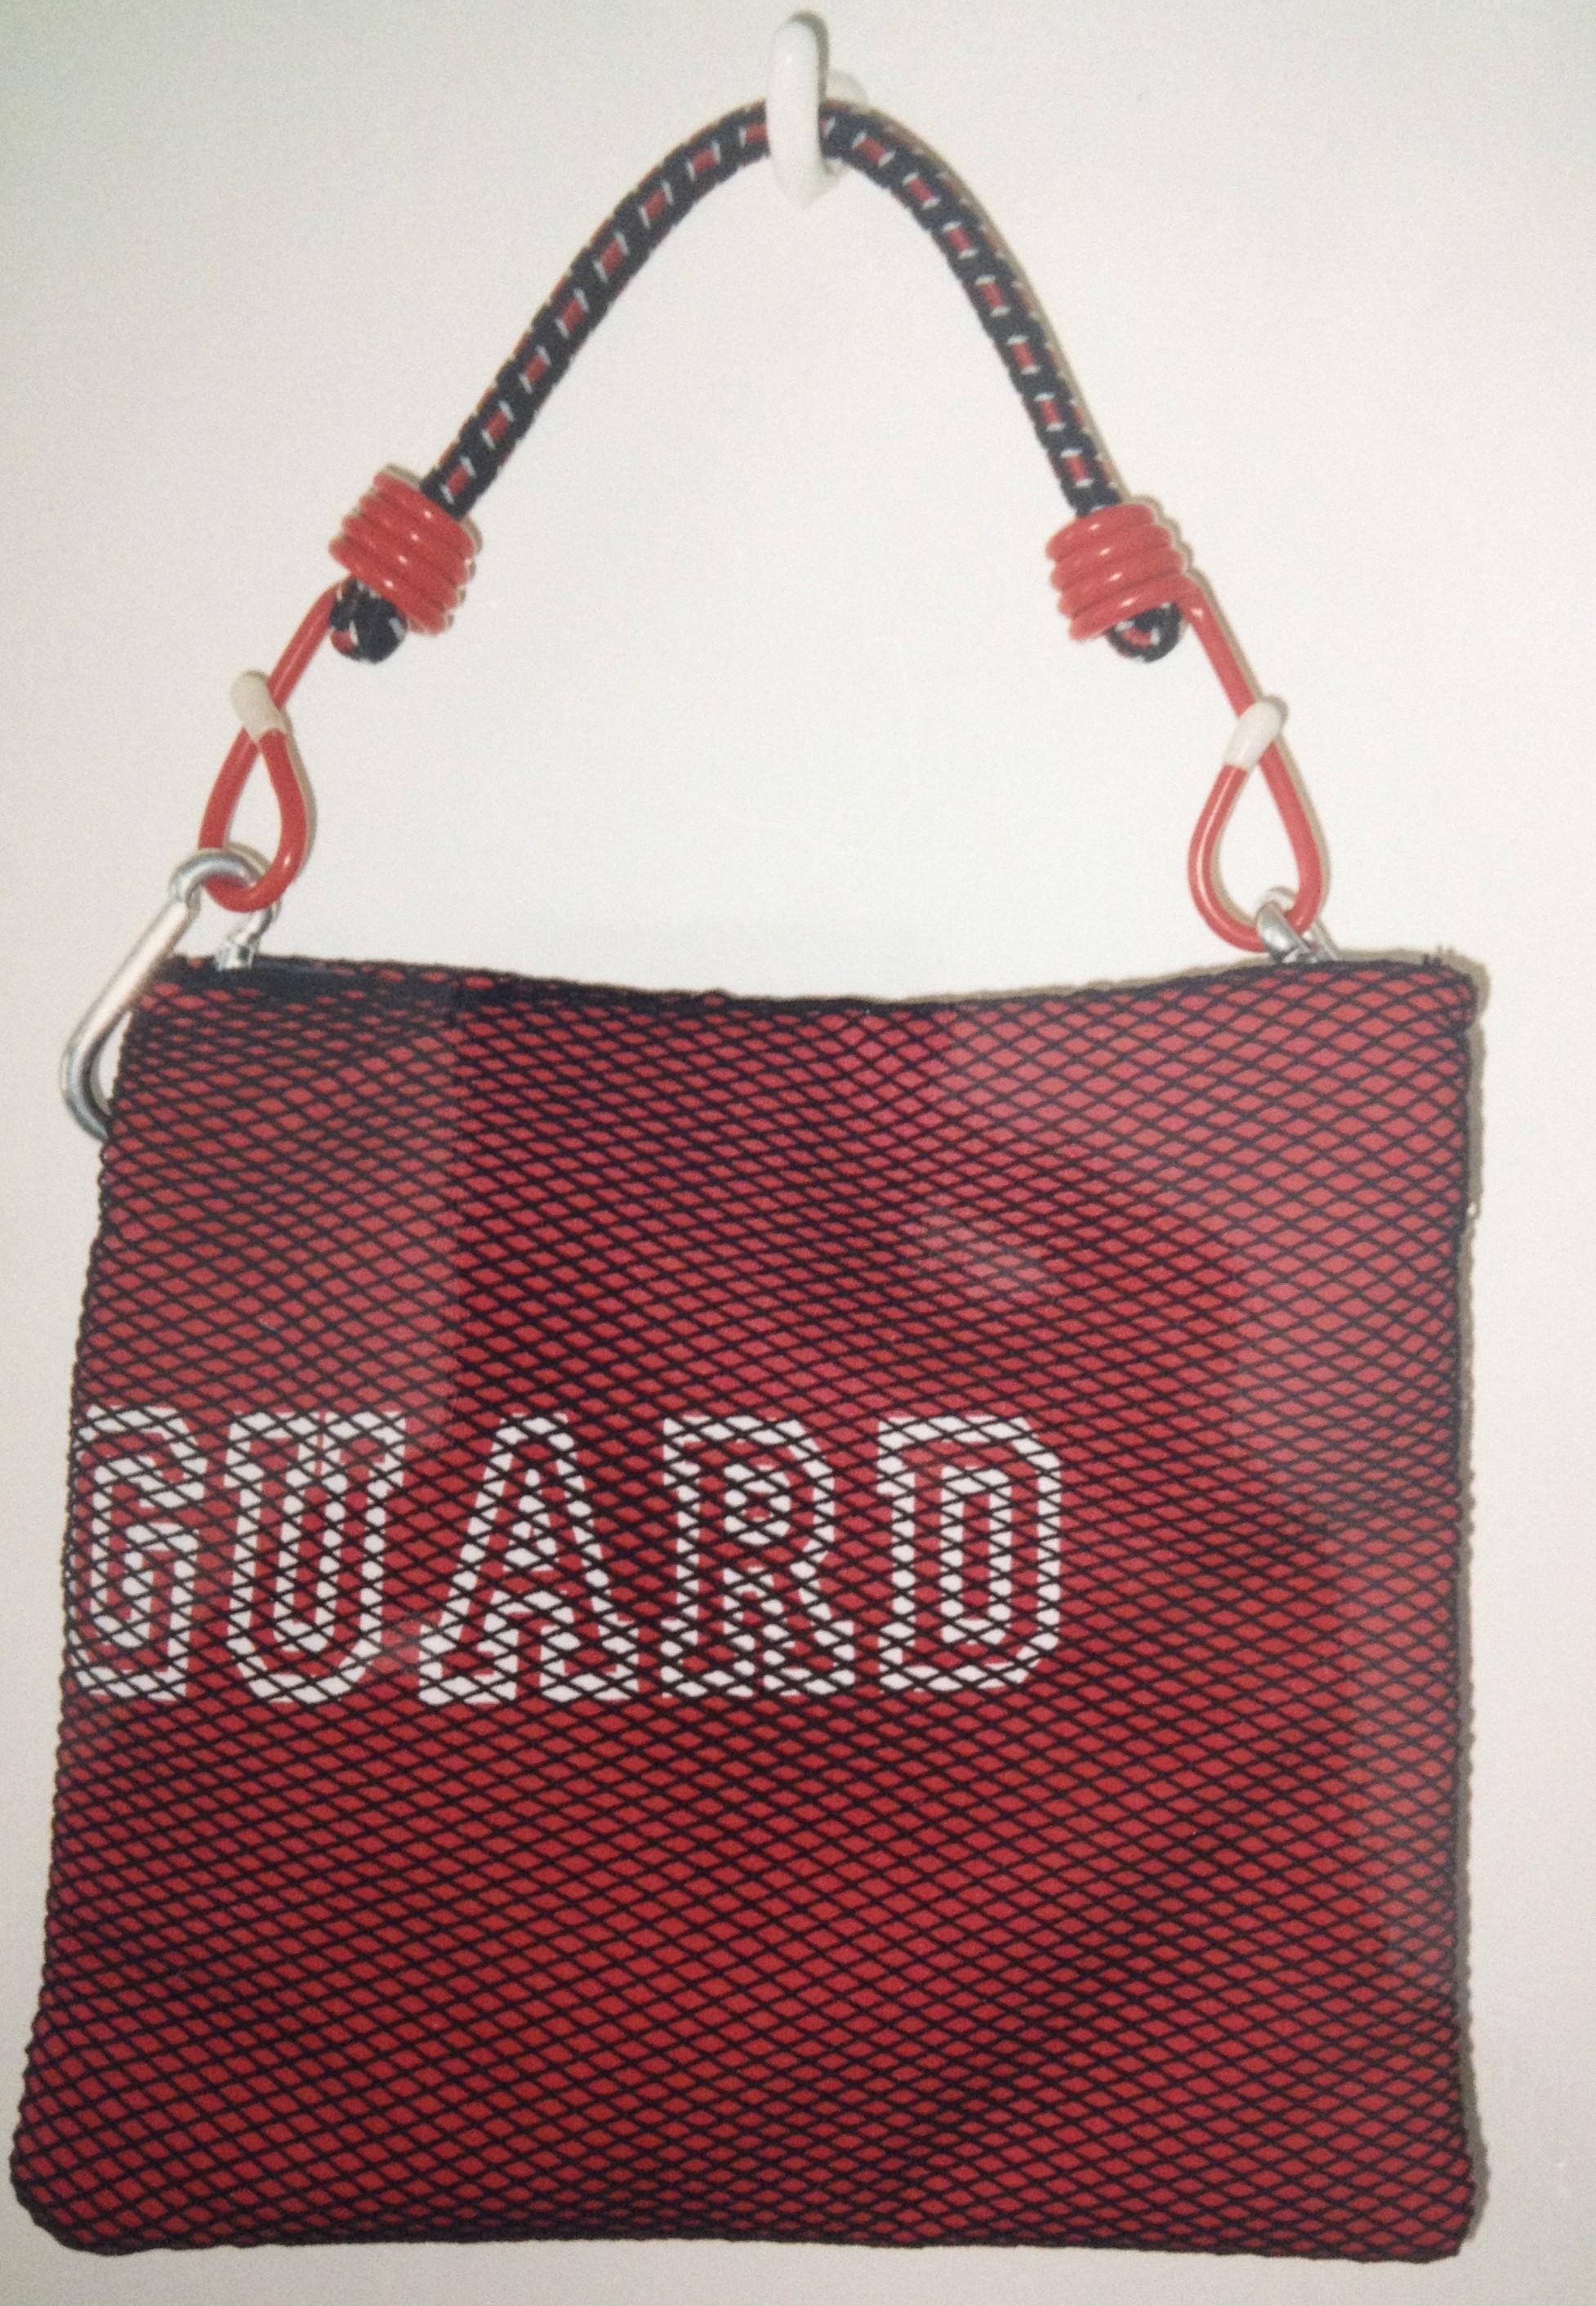 life-guard-handbag